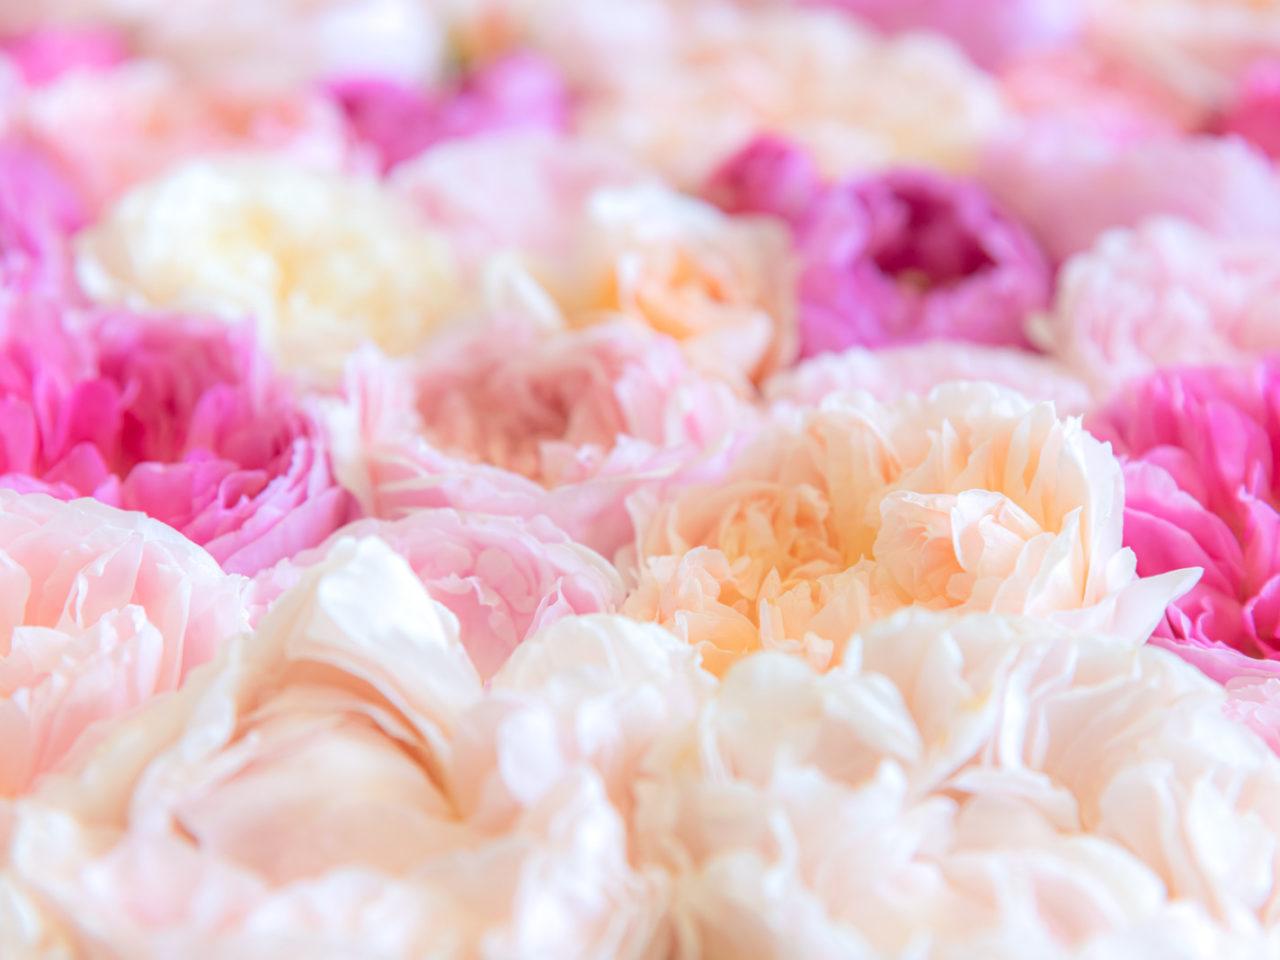 花&フラワーの特殊文字&記号コピーツール!可愛い特殊文字を気軽に使おう!のサムネイル画像